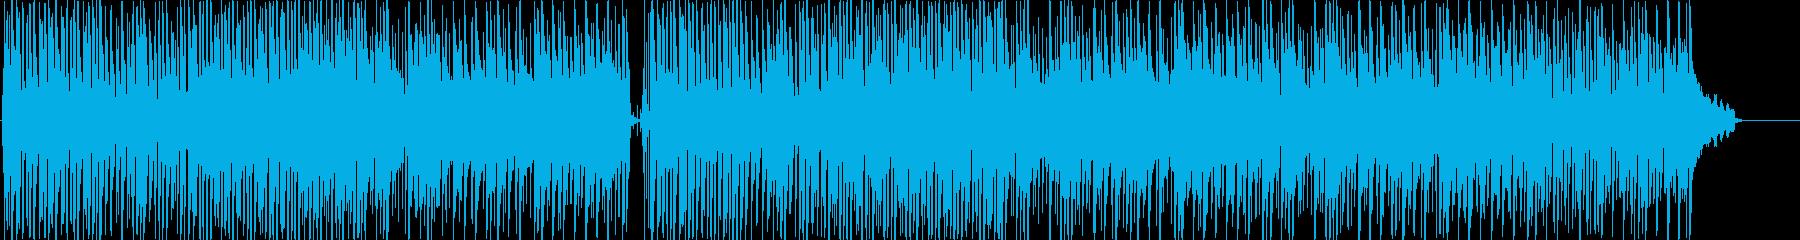 琴のほのぼのとした感じのゆっくりした曲調の再生済みの波形